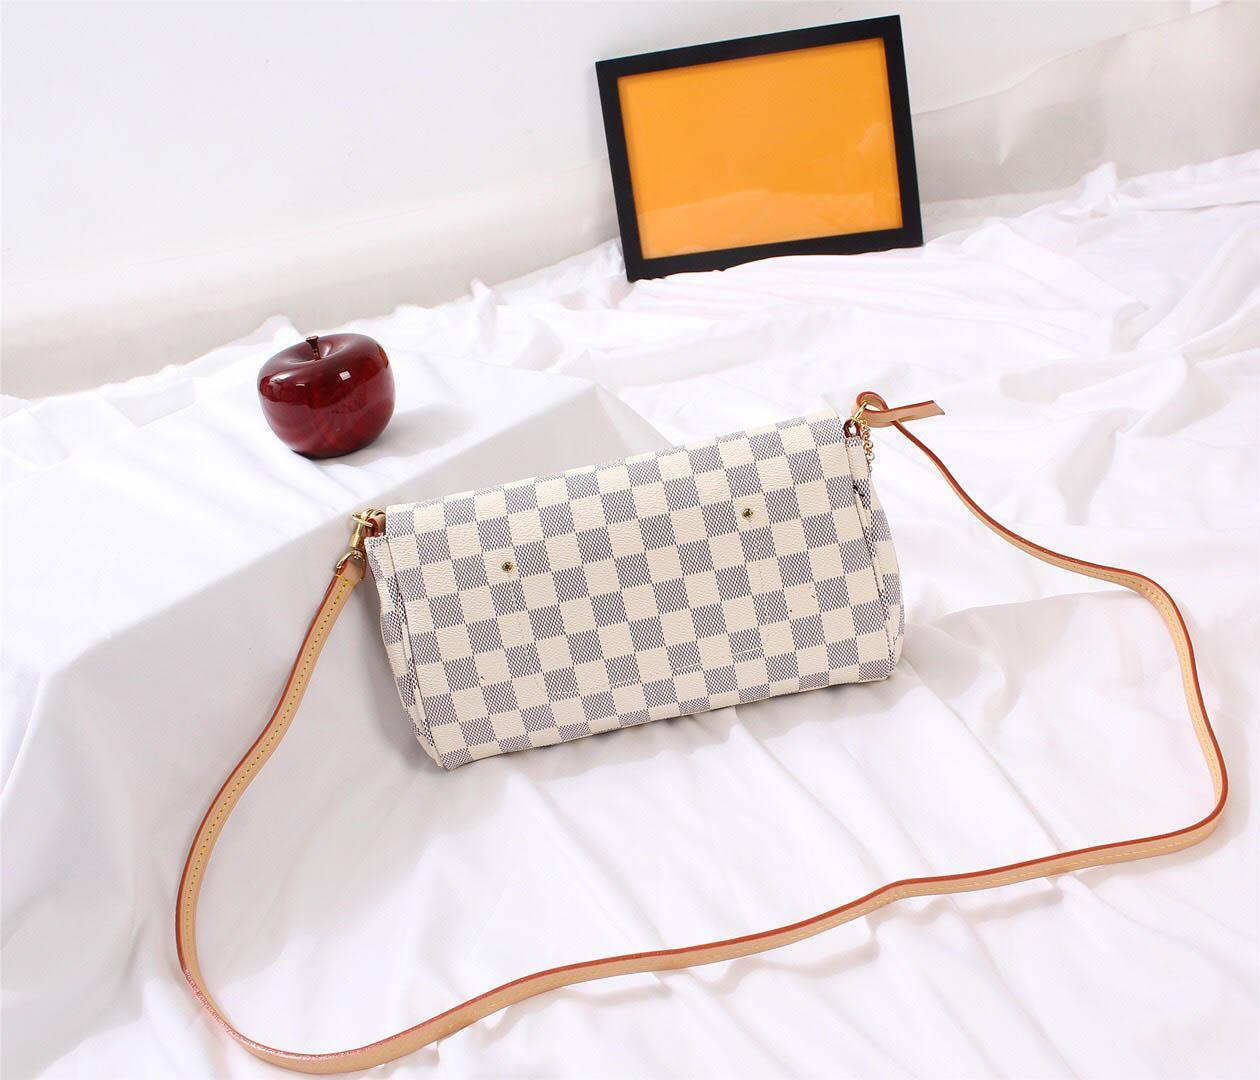 0b82a0262d0a4 ... Sığır derisi deri 40718 favori çanta moda crossbody kadın çantası  favori tasarım zincir debriyaj deri kayış ...